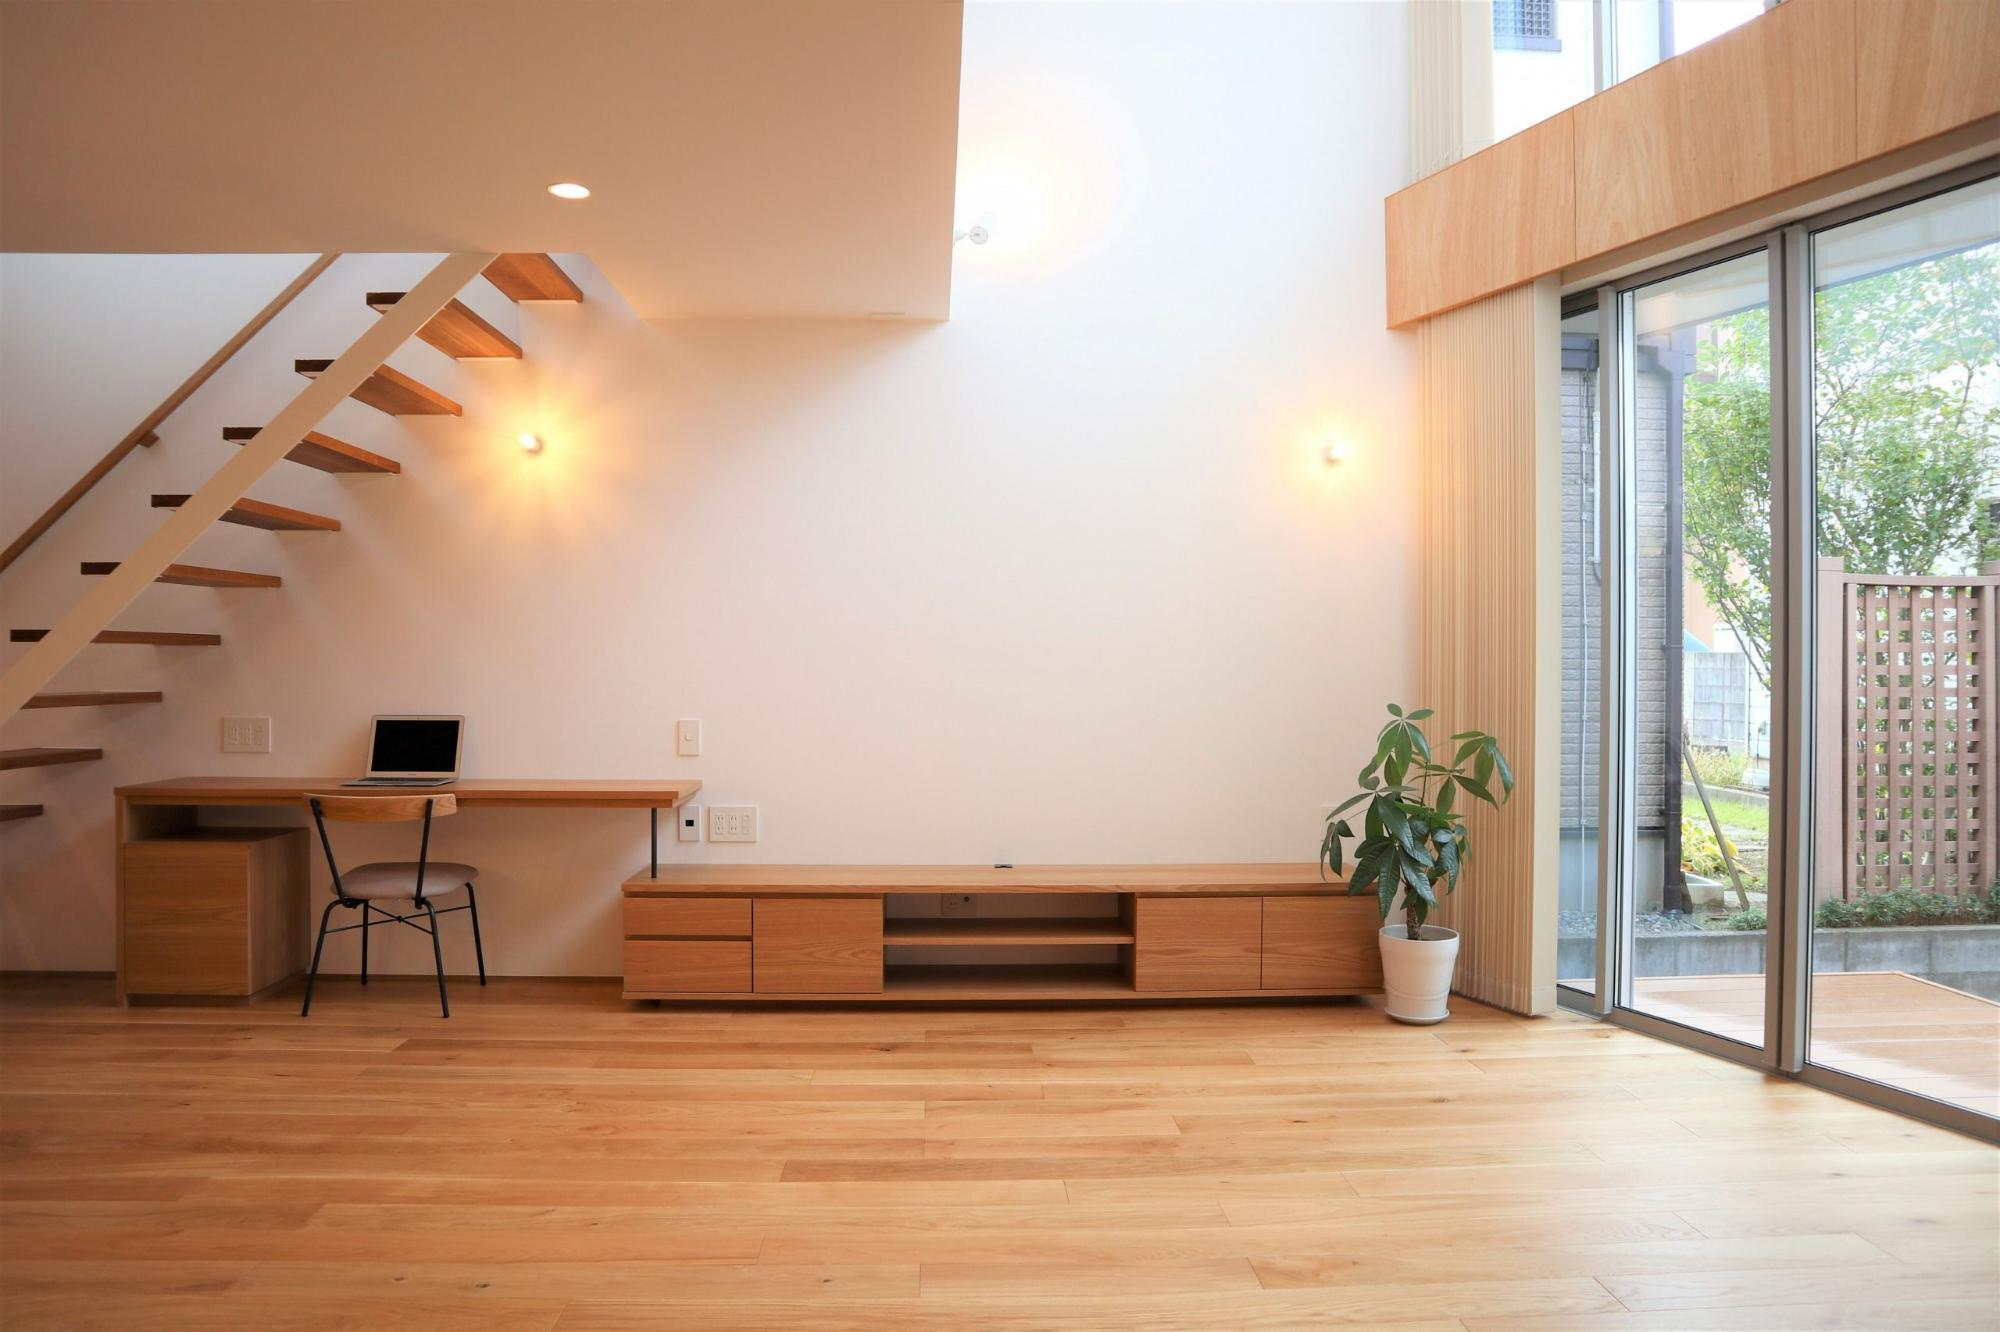 株式会社あかがわ建築設計室「斜光の家」のシンプル・ナチュラル・モダン・北欧風なリビング・ダイニングの実例写真